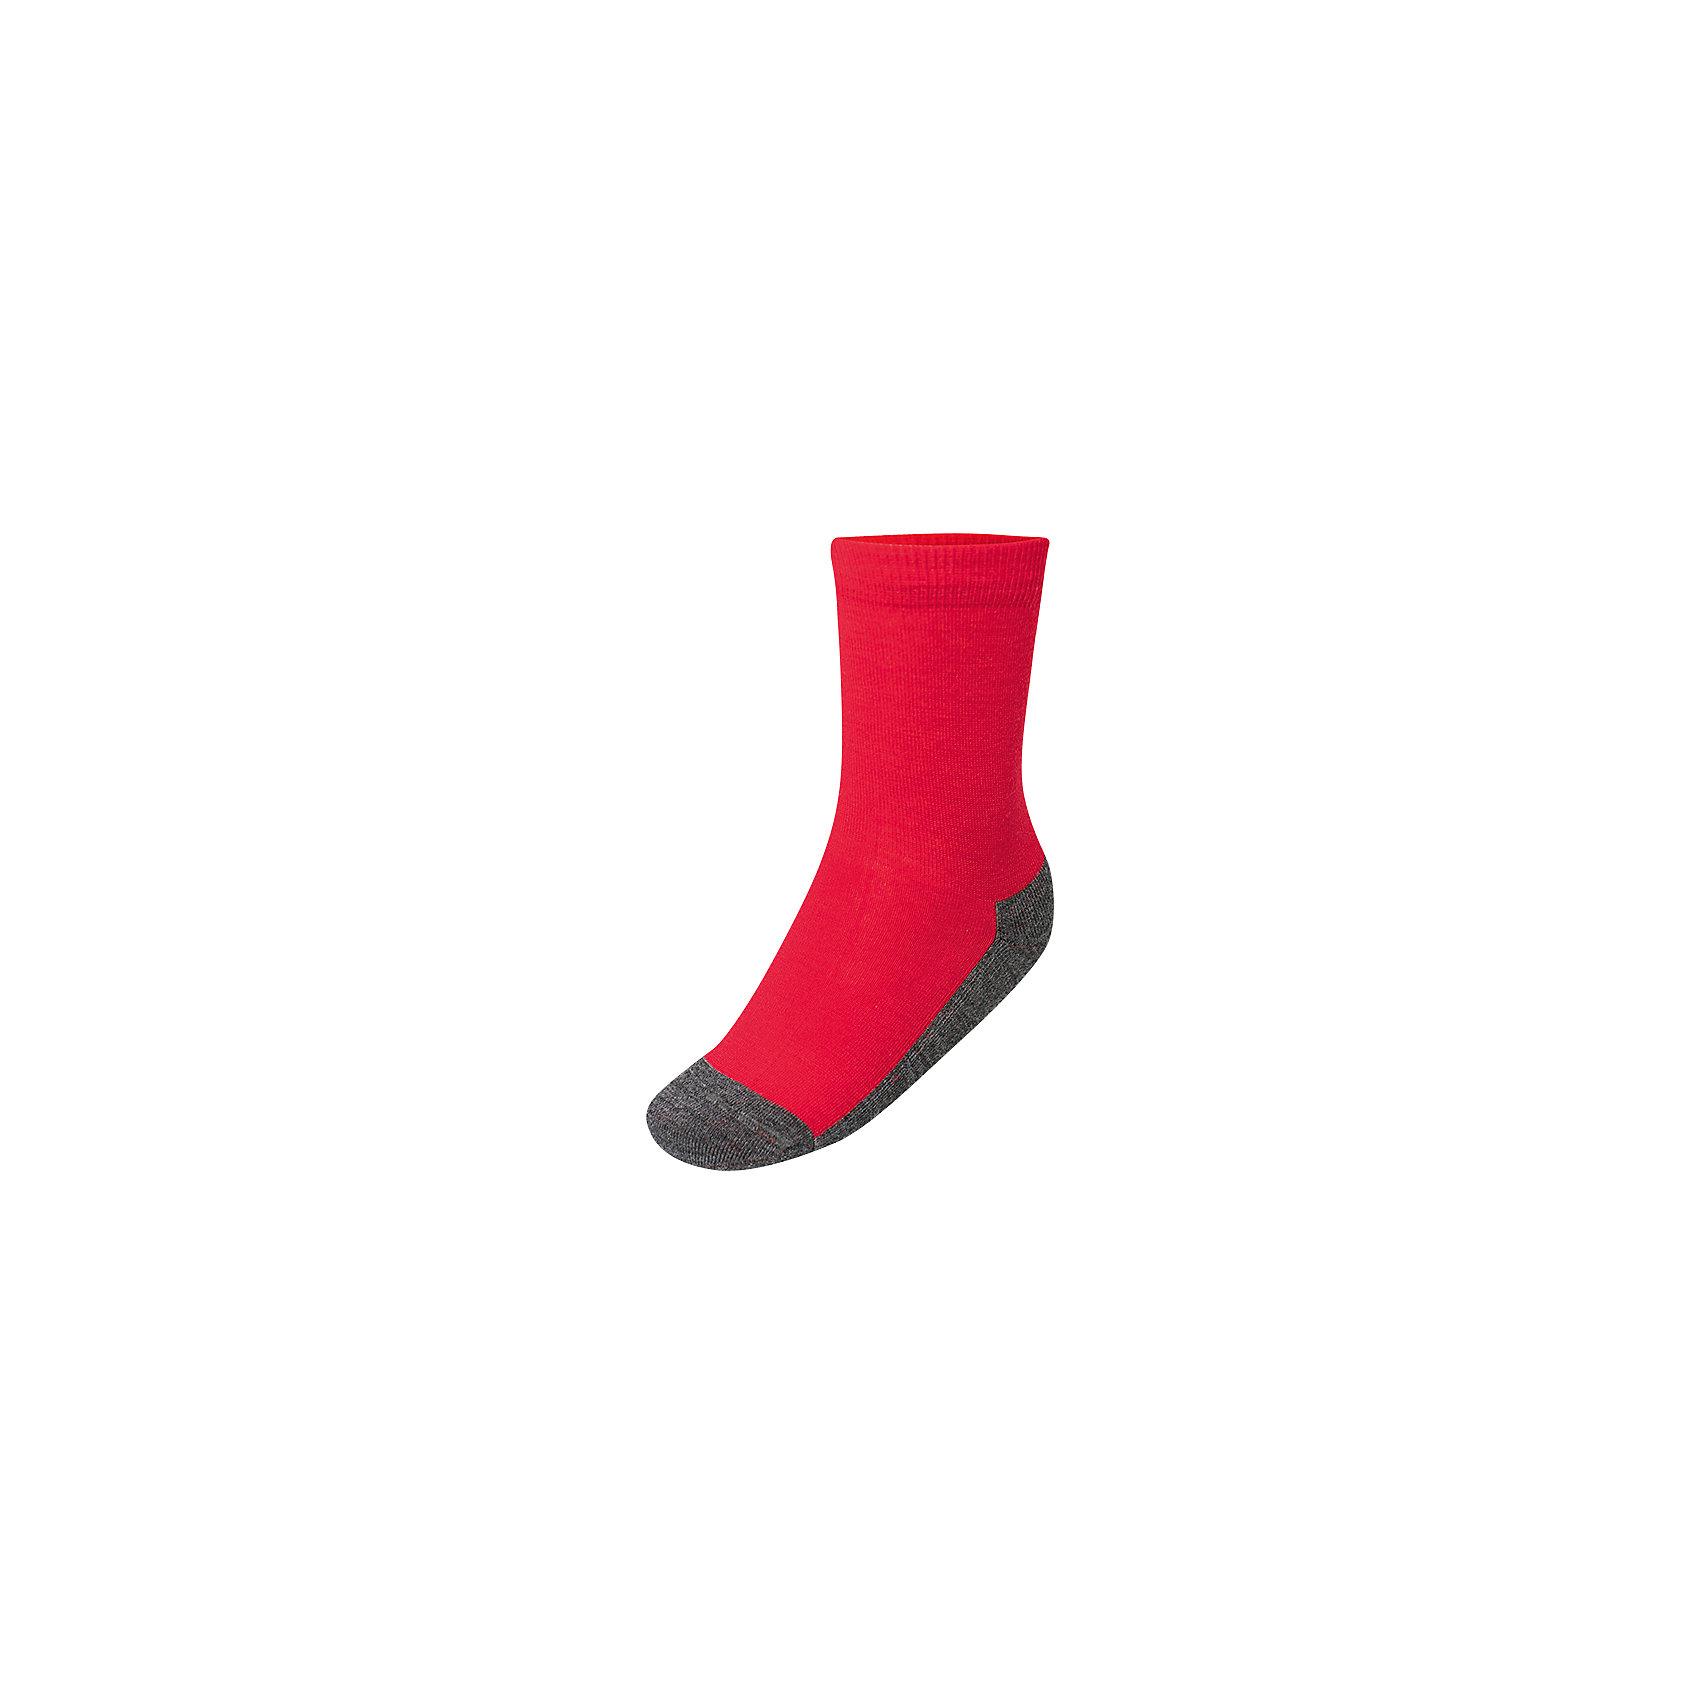 Термоноски multifunctional Lamba villoНоски<br>Характеристики товара:<br><br>• цвет: красный;<br>• состав ткани: 65% шерсть, 30% полипропилен, 5% эластан;<br>• температурный режим: от +5° С до -25° С;<br>• сезон: зима;<br>• широкая резинка не стягивает ногу;<br>• однотонные;<br>• махровая стопа;<br>• страна изготовитель: Латвия.<br><br>Термоноски Ламба Вилло выполнены из шерсти, которая обладает гипоаллергенными свойствами, поэтому не вызывает раздражения, даже если надета на голую ногу. Они эффективно согревают ноги, поглощают и отводят влагу.<br><br>Обратите внимание на условия стирки, указанные на упаковке, чтобы вещь оставалась как новая долгое время.<br><br>ТермоТермоноски Lamba villo  можно купить в нашем интернет-магазине.<br><br>Ширина мм: 87<br>Глубина мм: 10<br>Высота мм: 105<br>Вес г: 115<br>Цвет: красный<br>Возраст от месяцев: 15<br>Возраст до месяцев: 18<br>Пол: Унисекс<br>Возраст: Детский<br>Размер: 19-22,23-26,35-38,31-34,27-30<br>SKU: 7031834